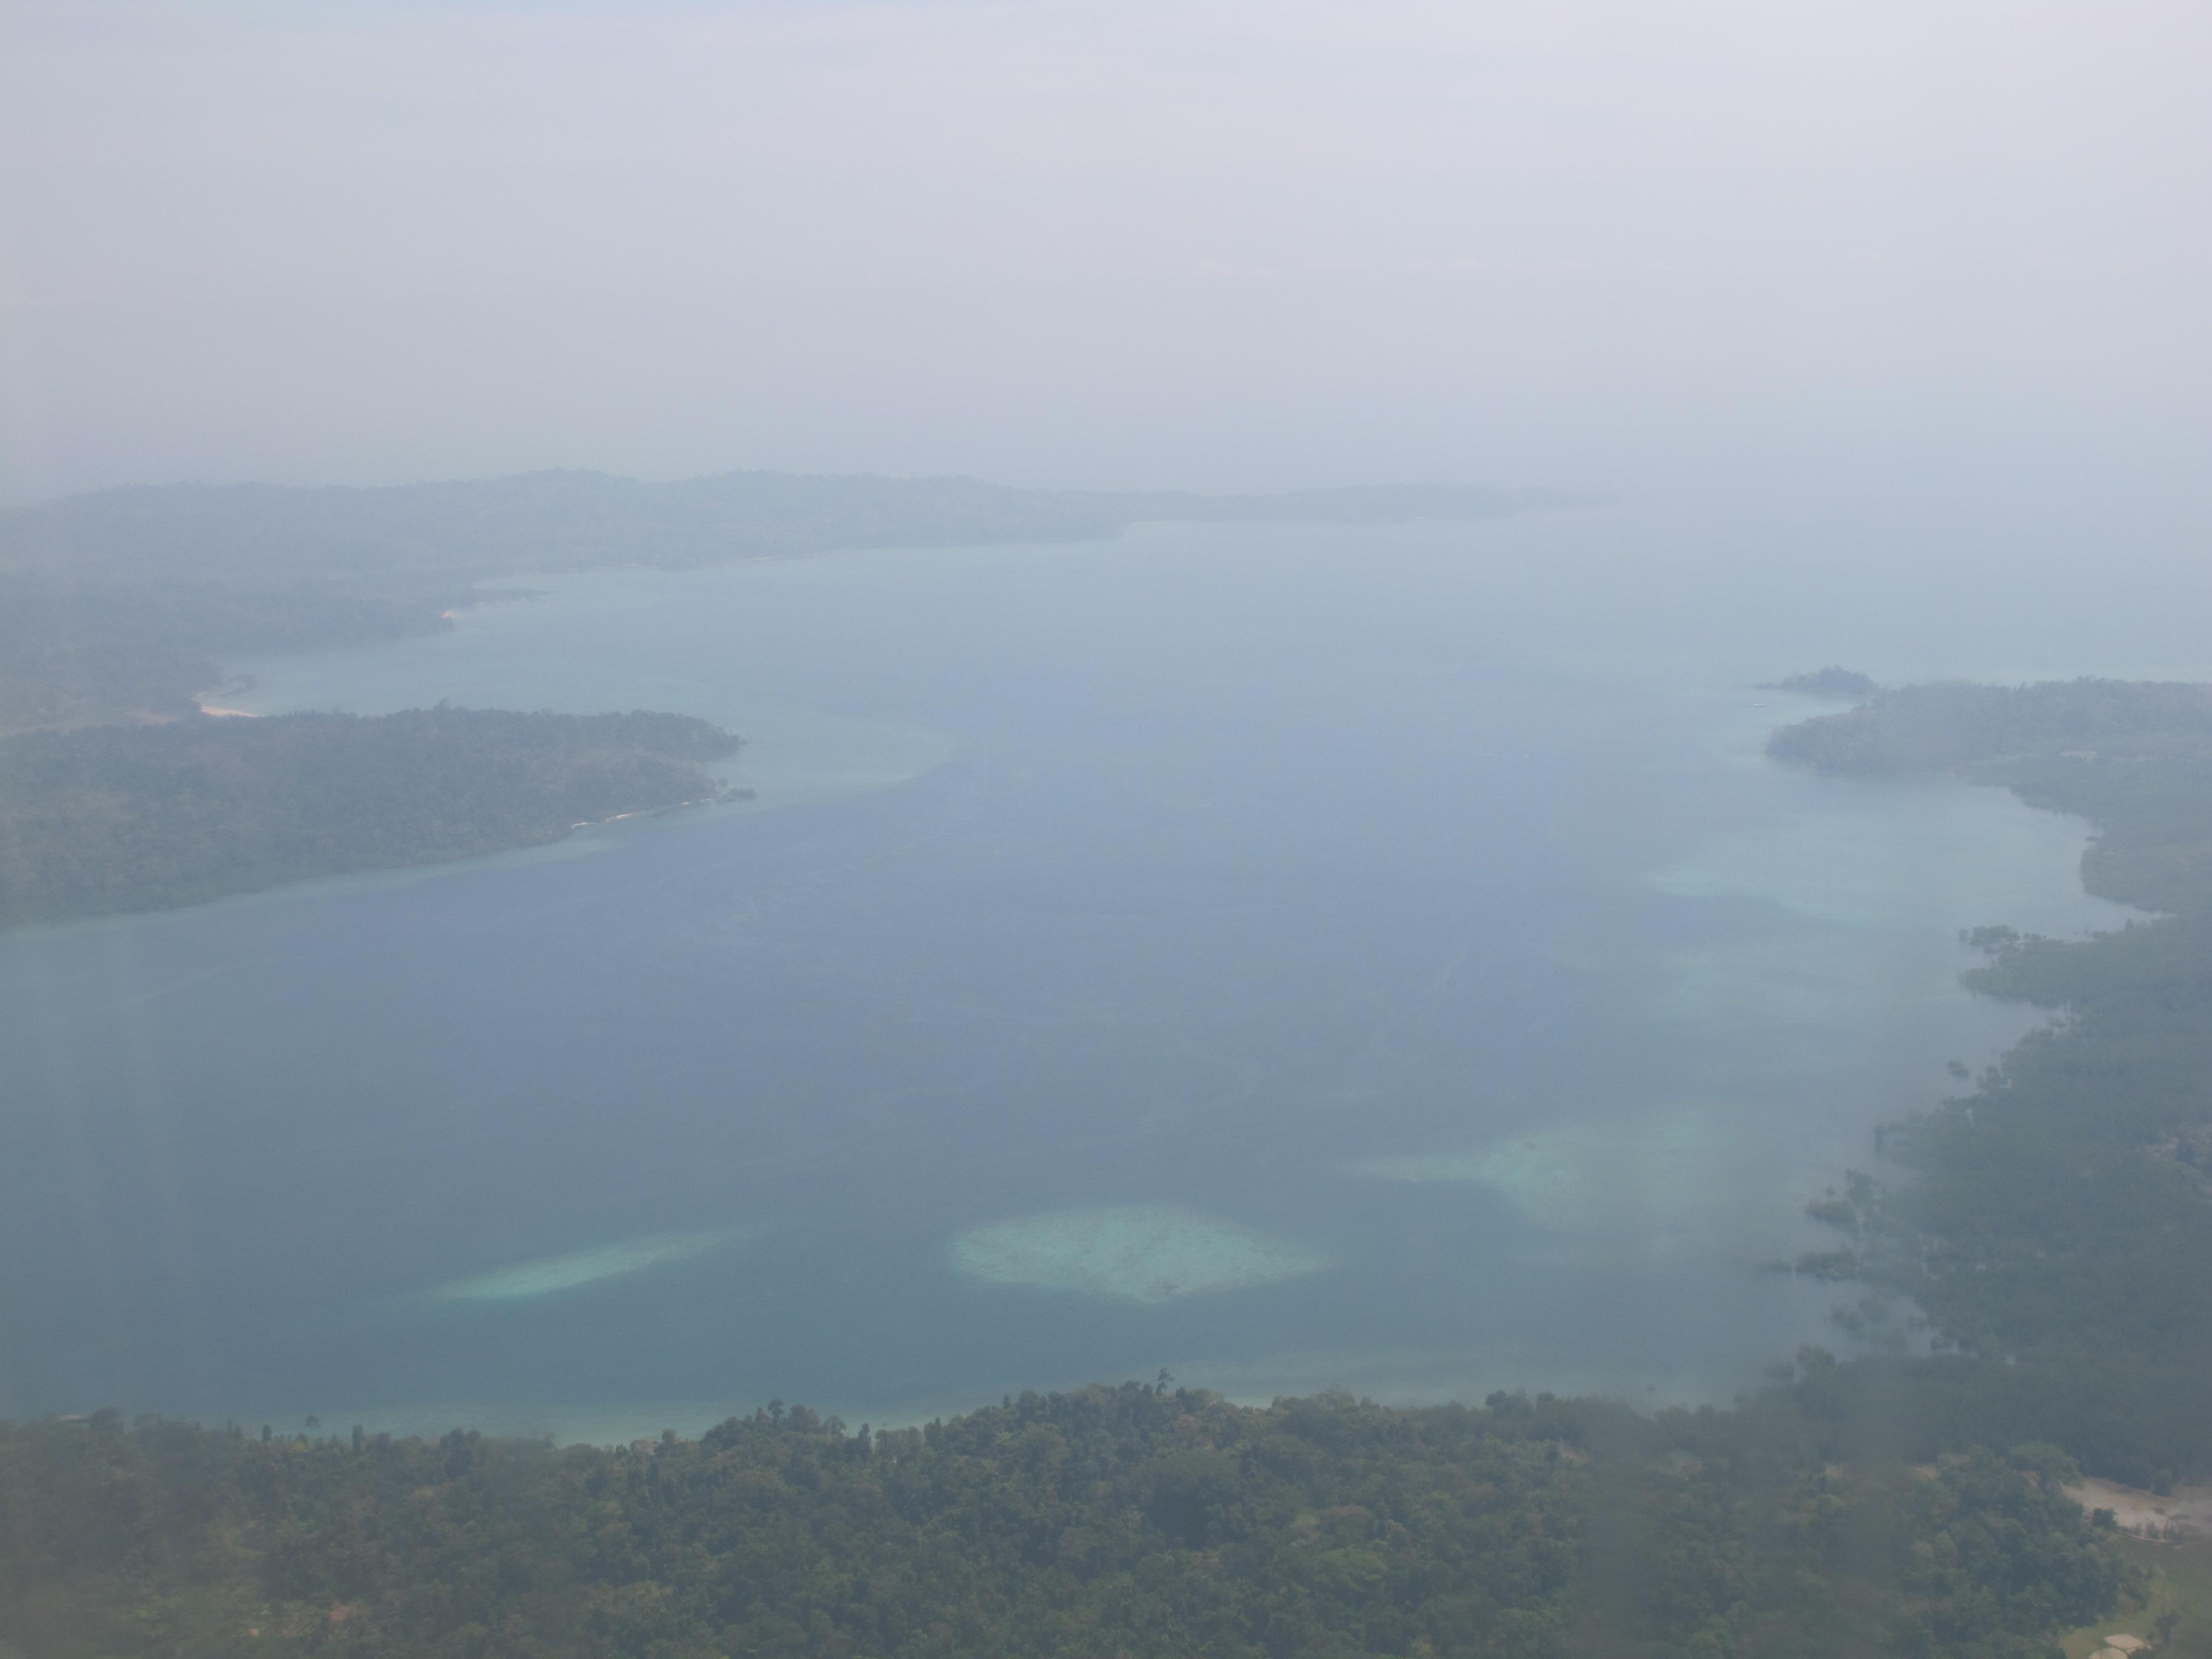 Пролив между островами Рутланд и Южный Андаман, Индия